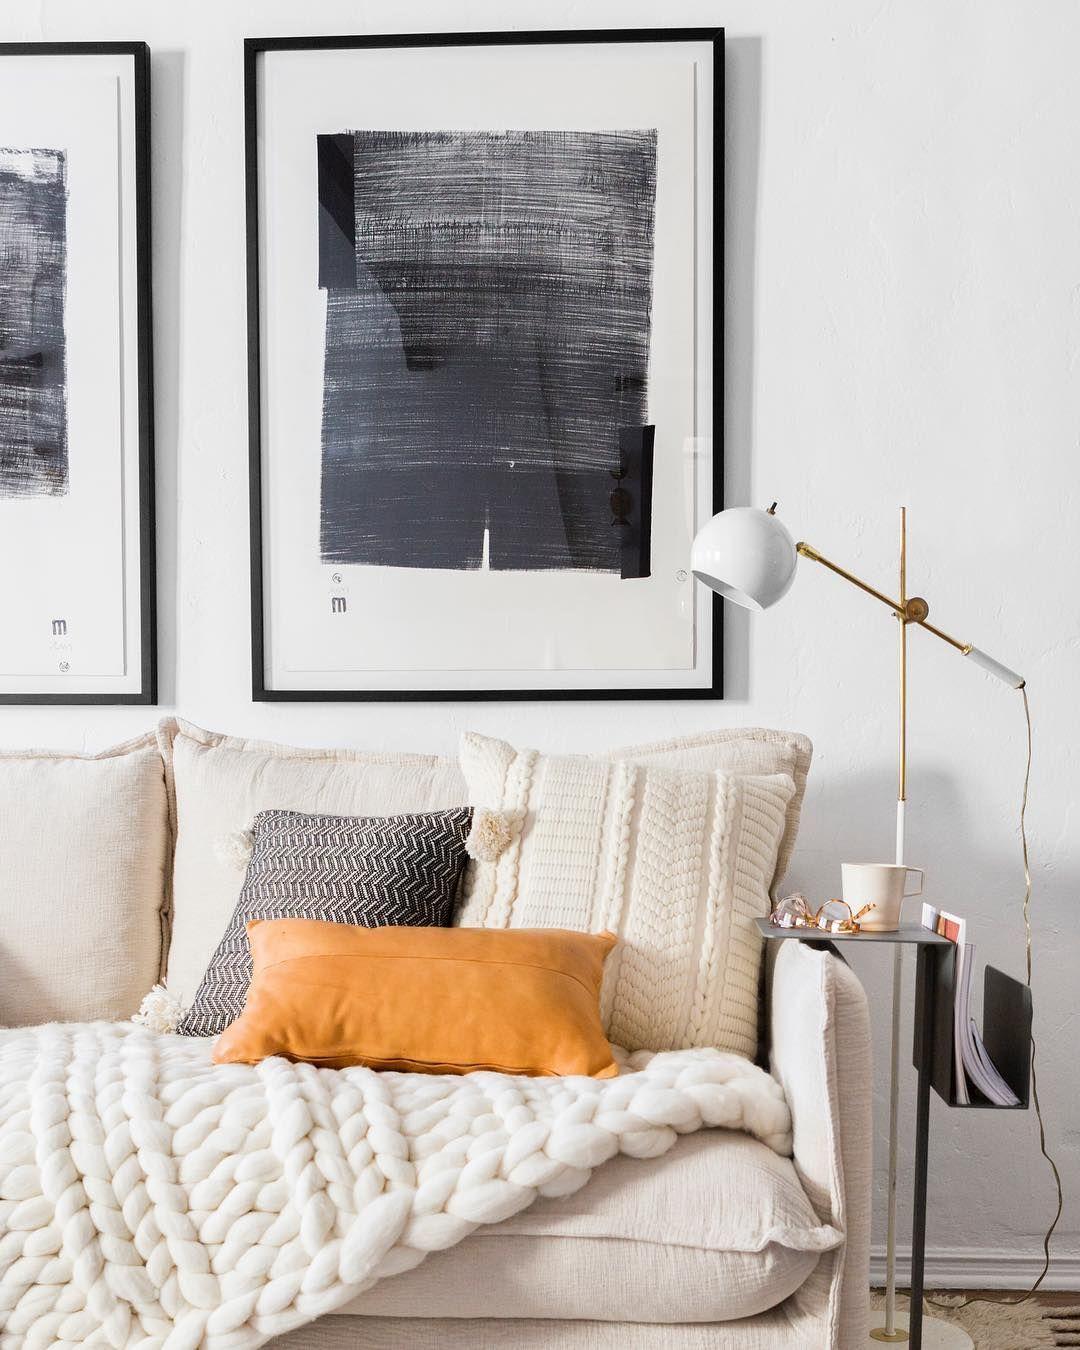 Wohnung Wohnzimmer Dekoration Ideen Auf Ein Budget: Pin Von Claudia Ross Auf Einrichten Und Wohnen